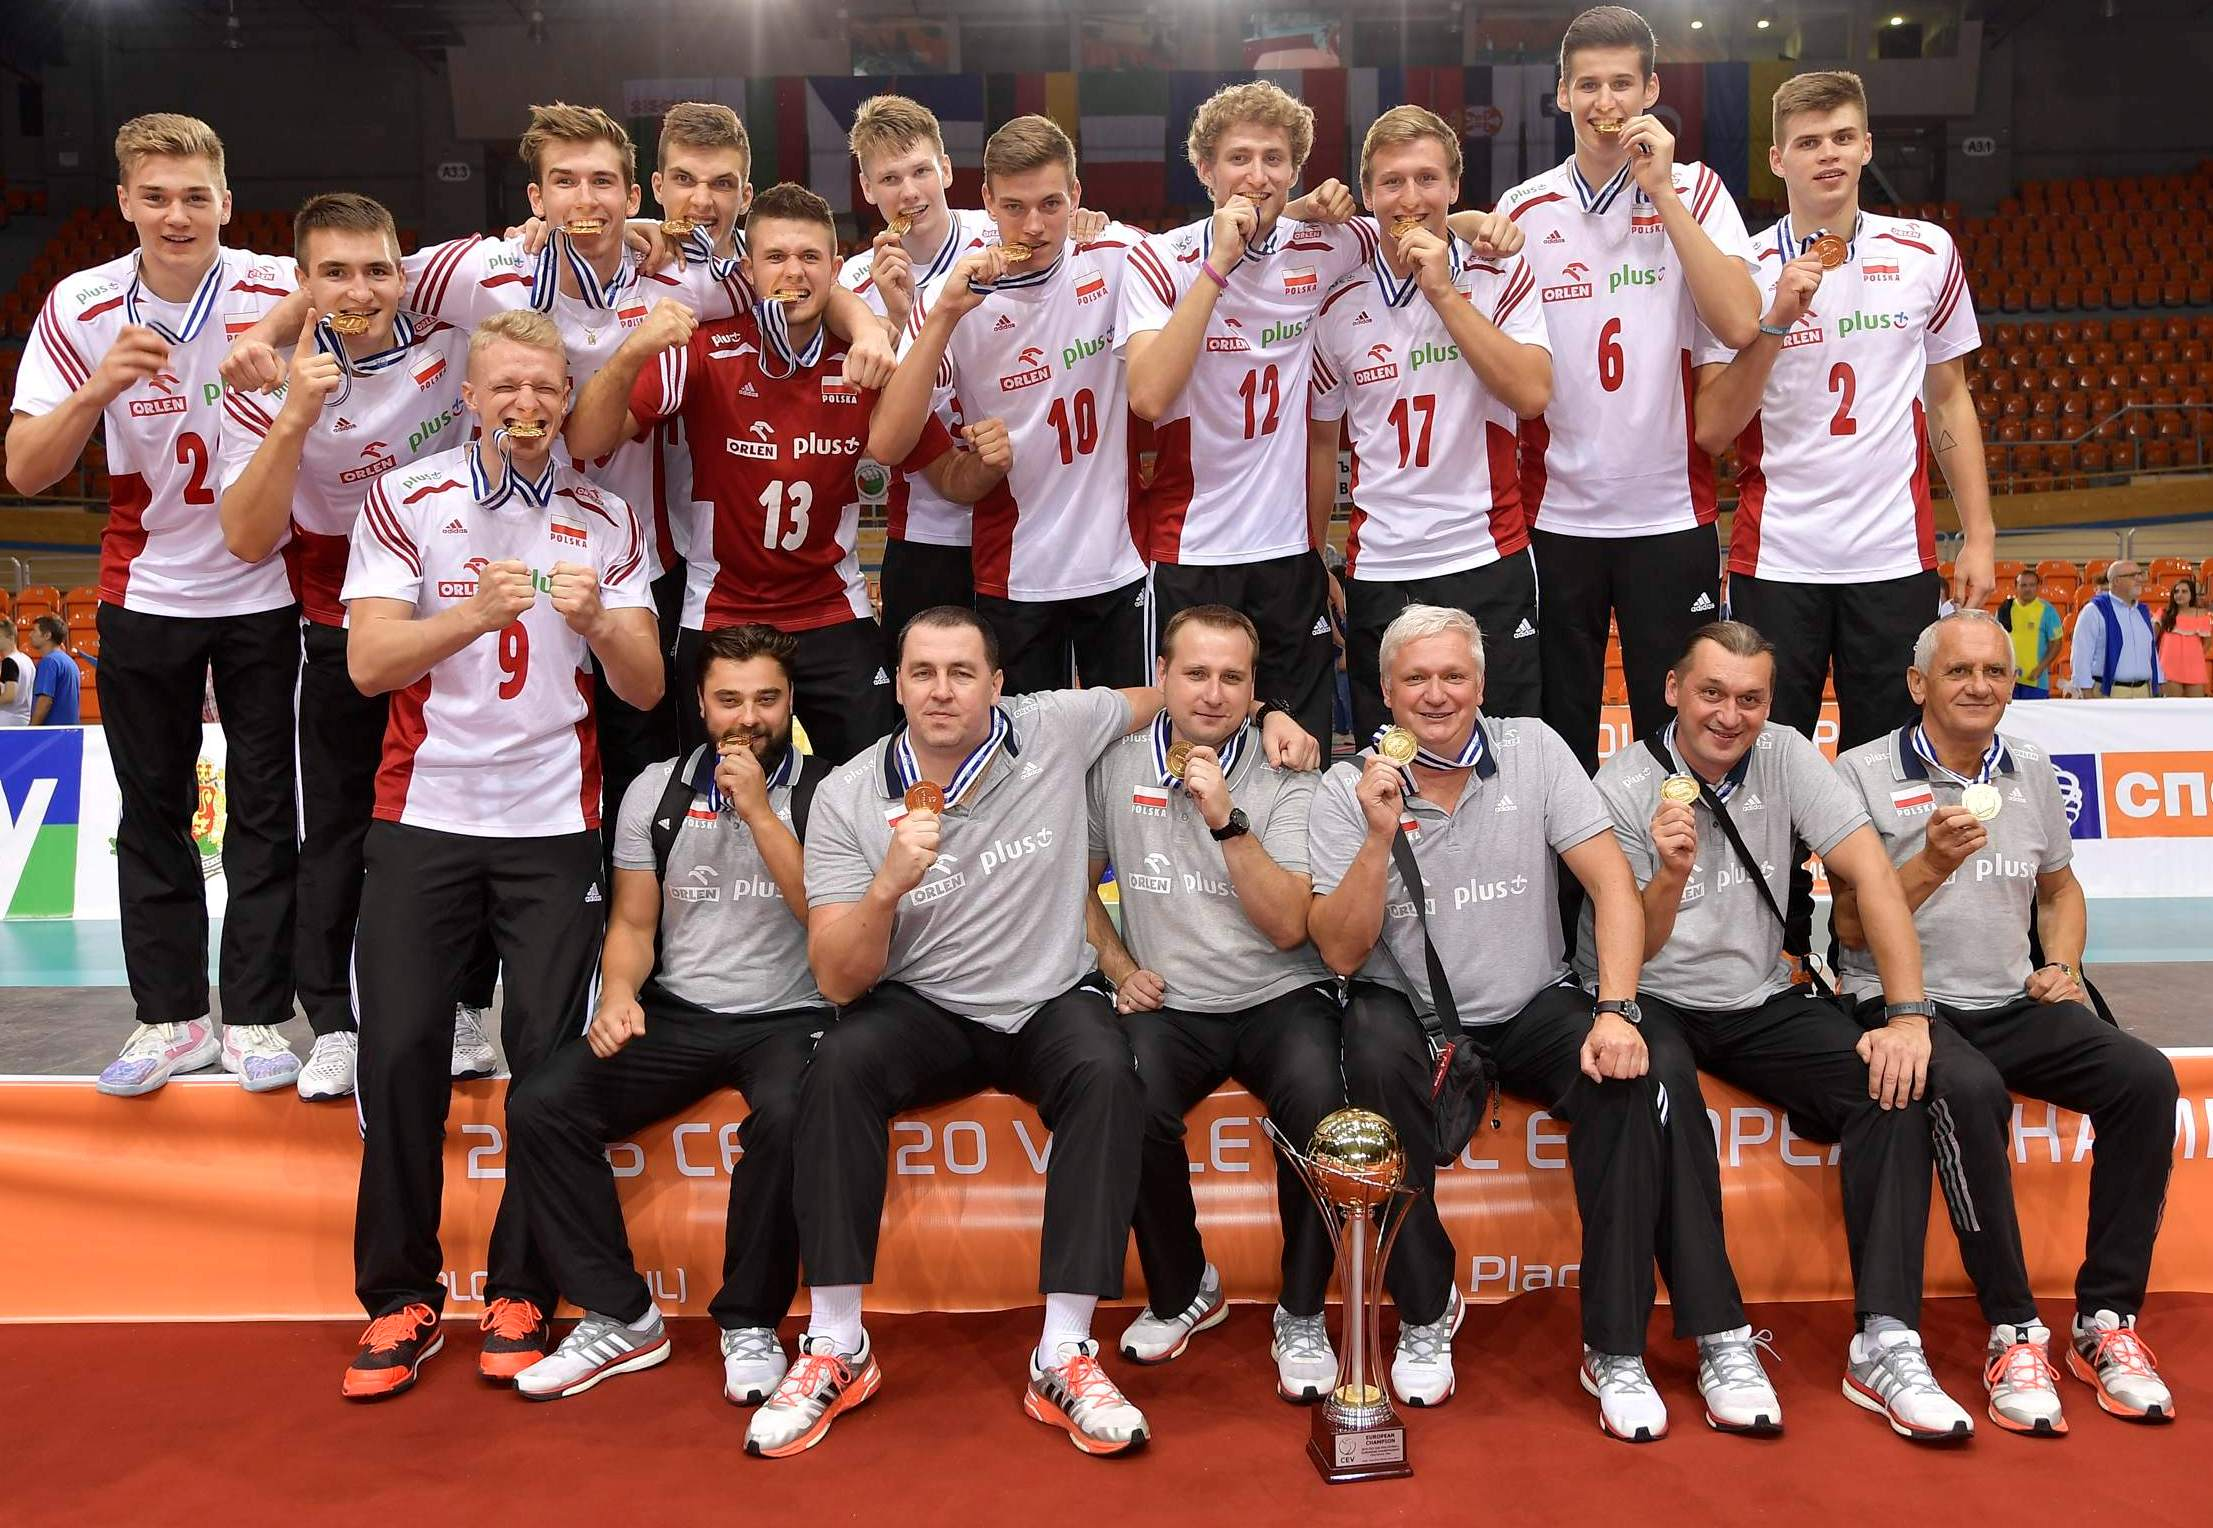 Mistrz Europy juniorow 2016